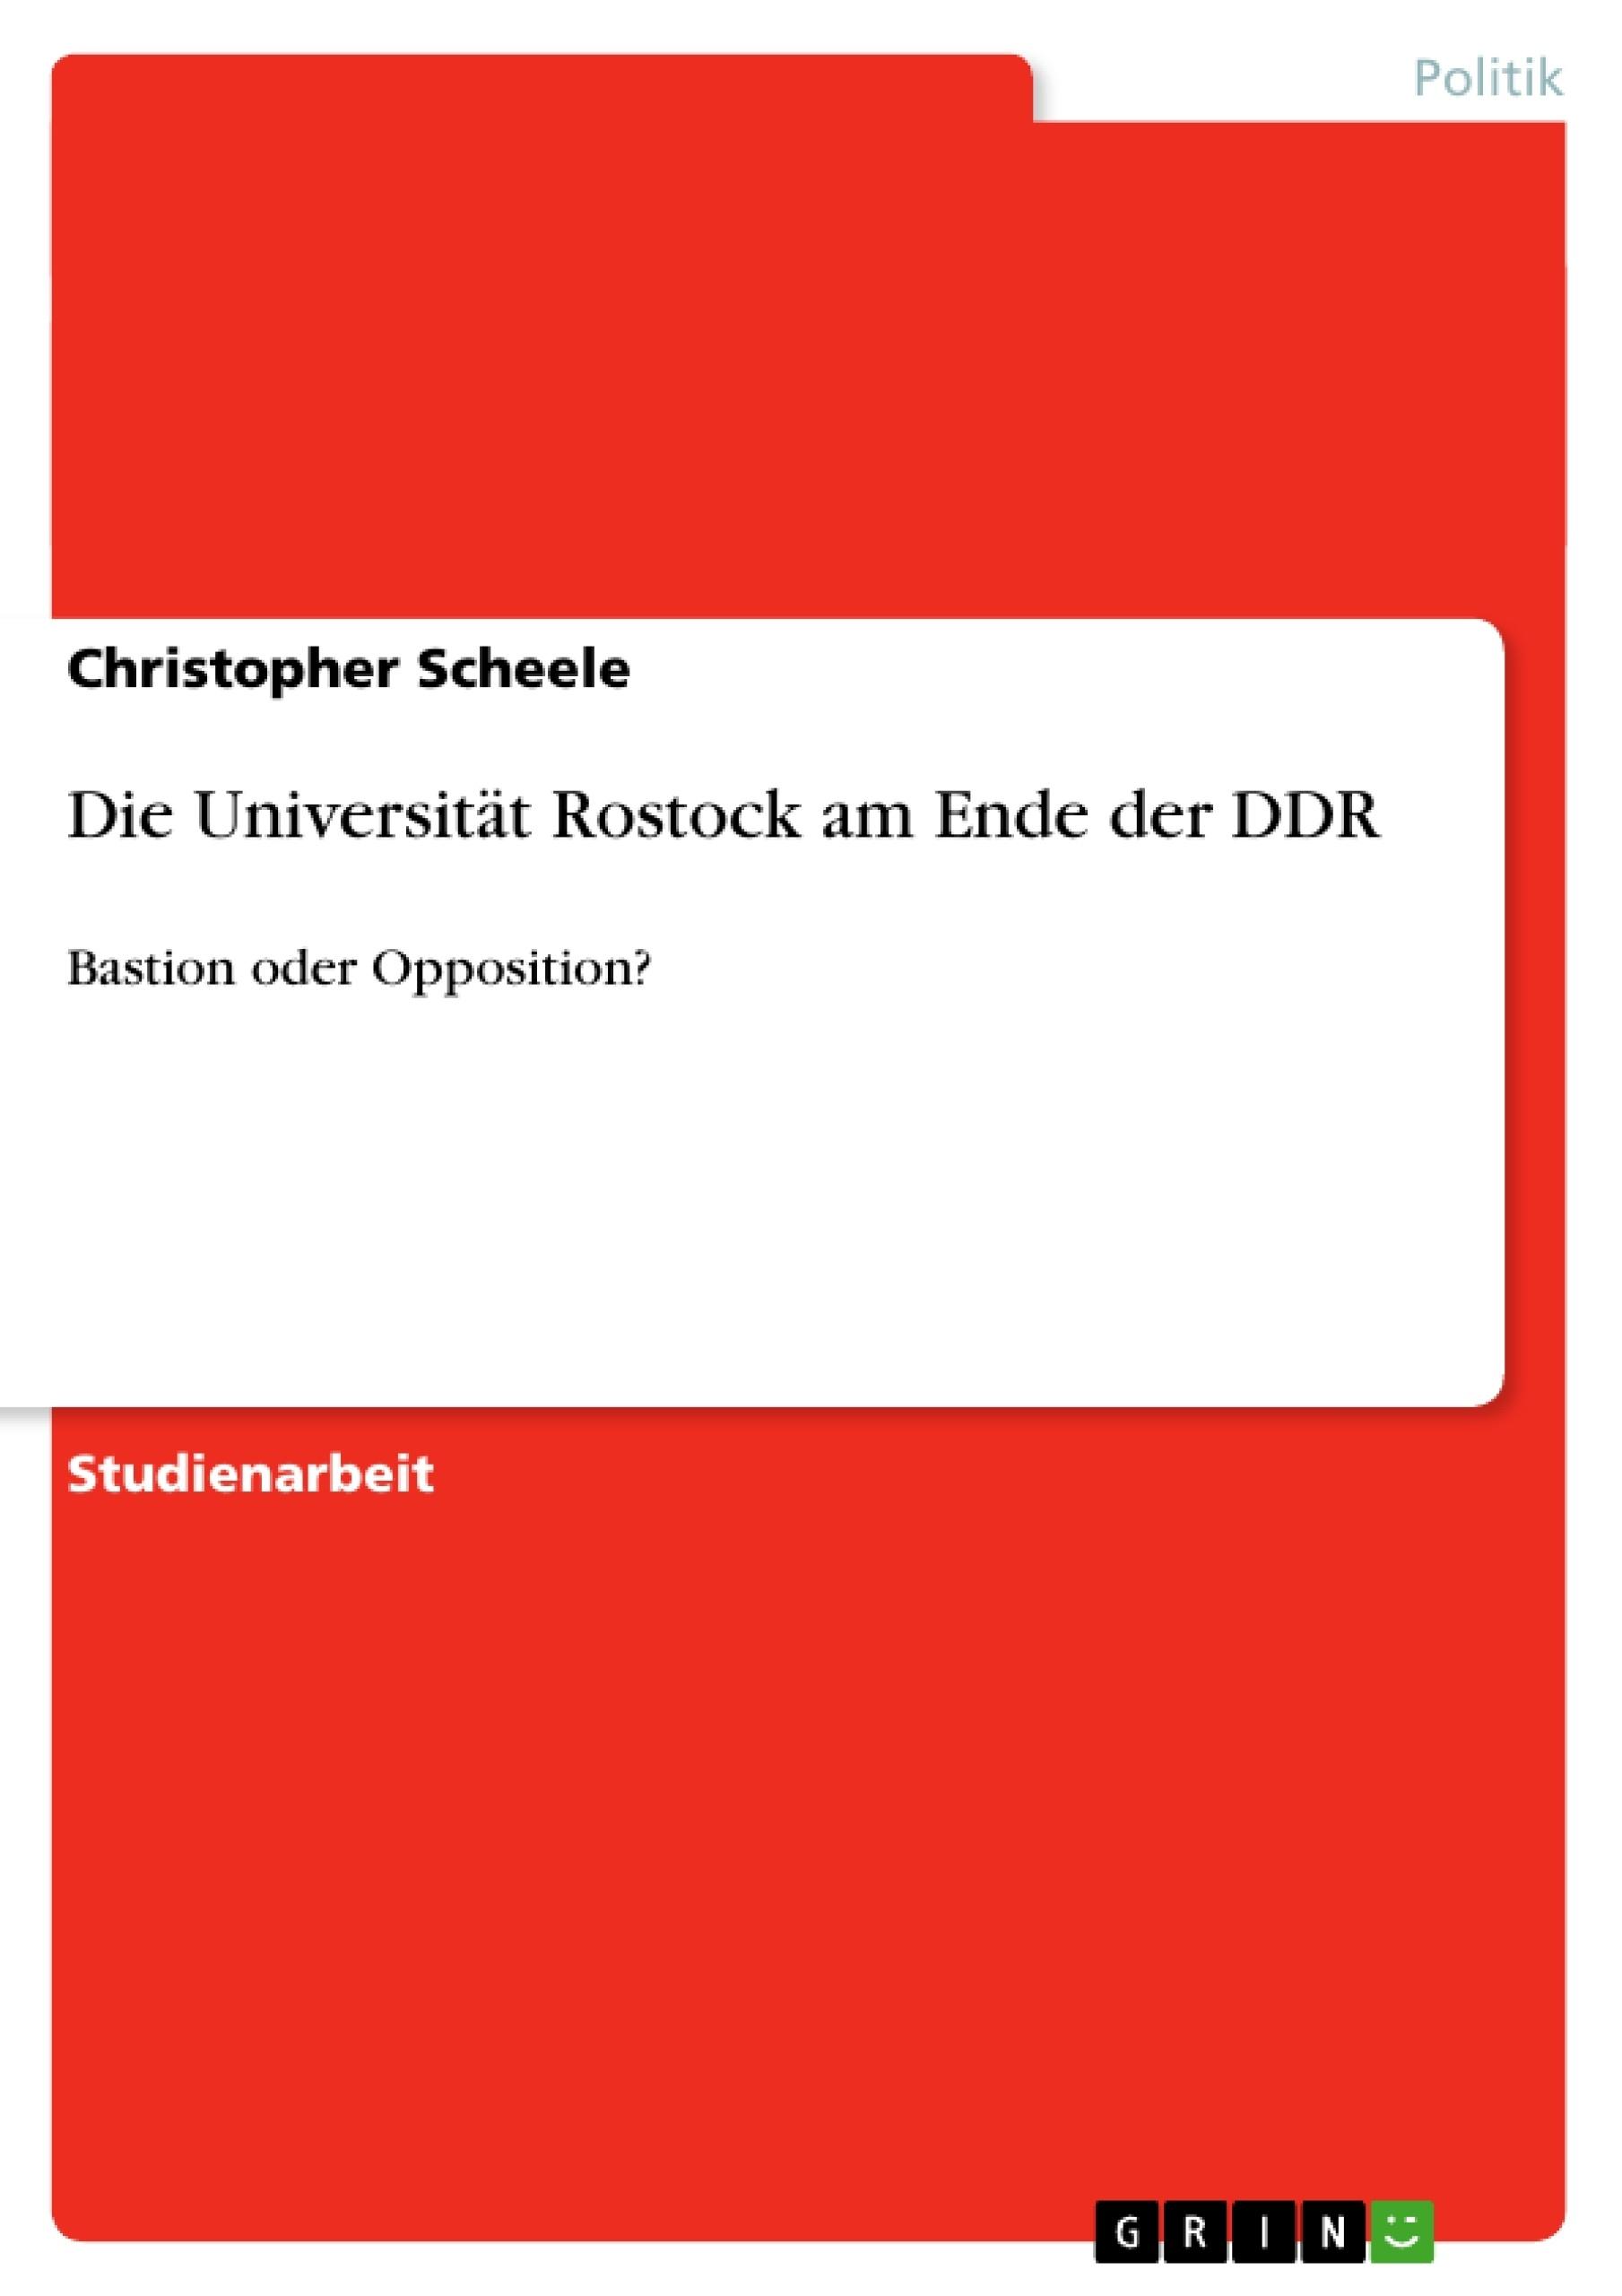 Titel: Die Universität Rostock am Ende der DDR